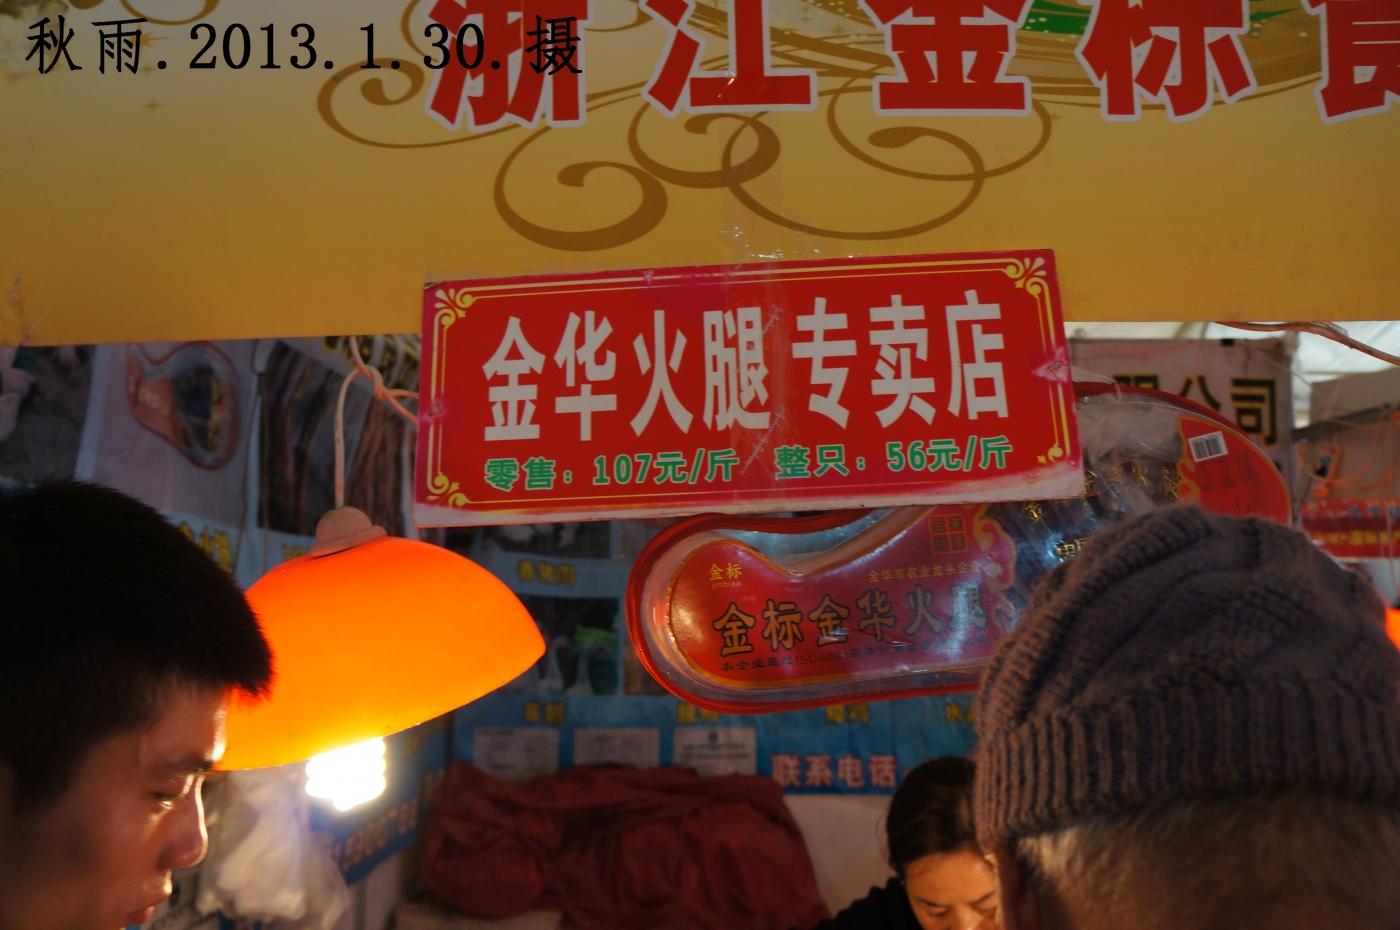 迎新春年货展销会(摄影原创)_图1-14